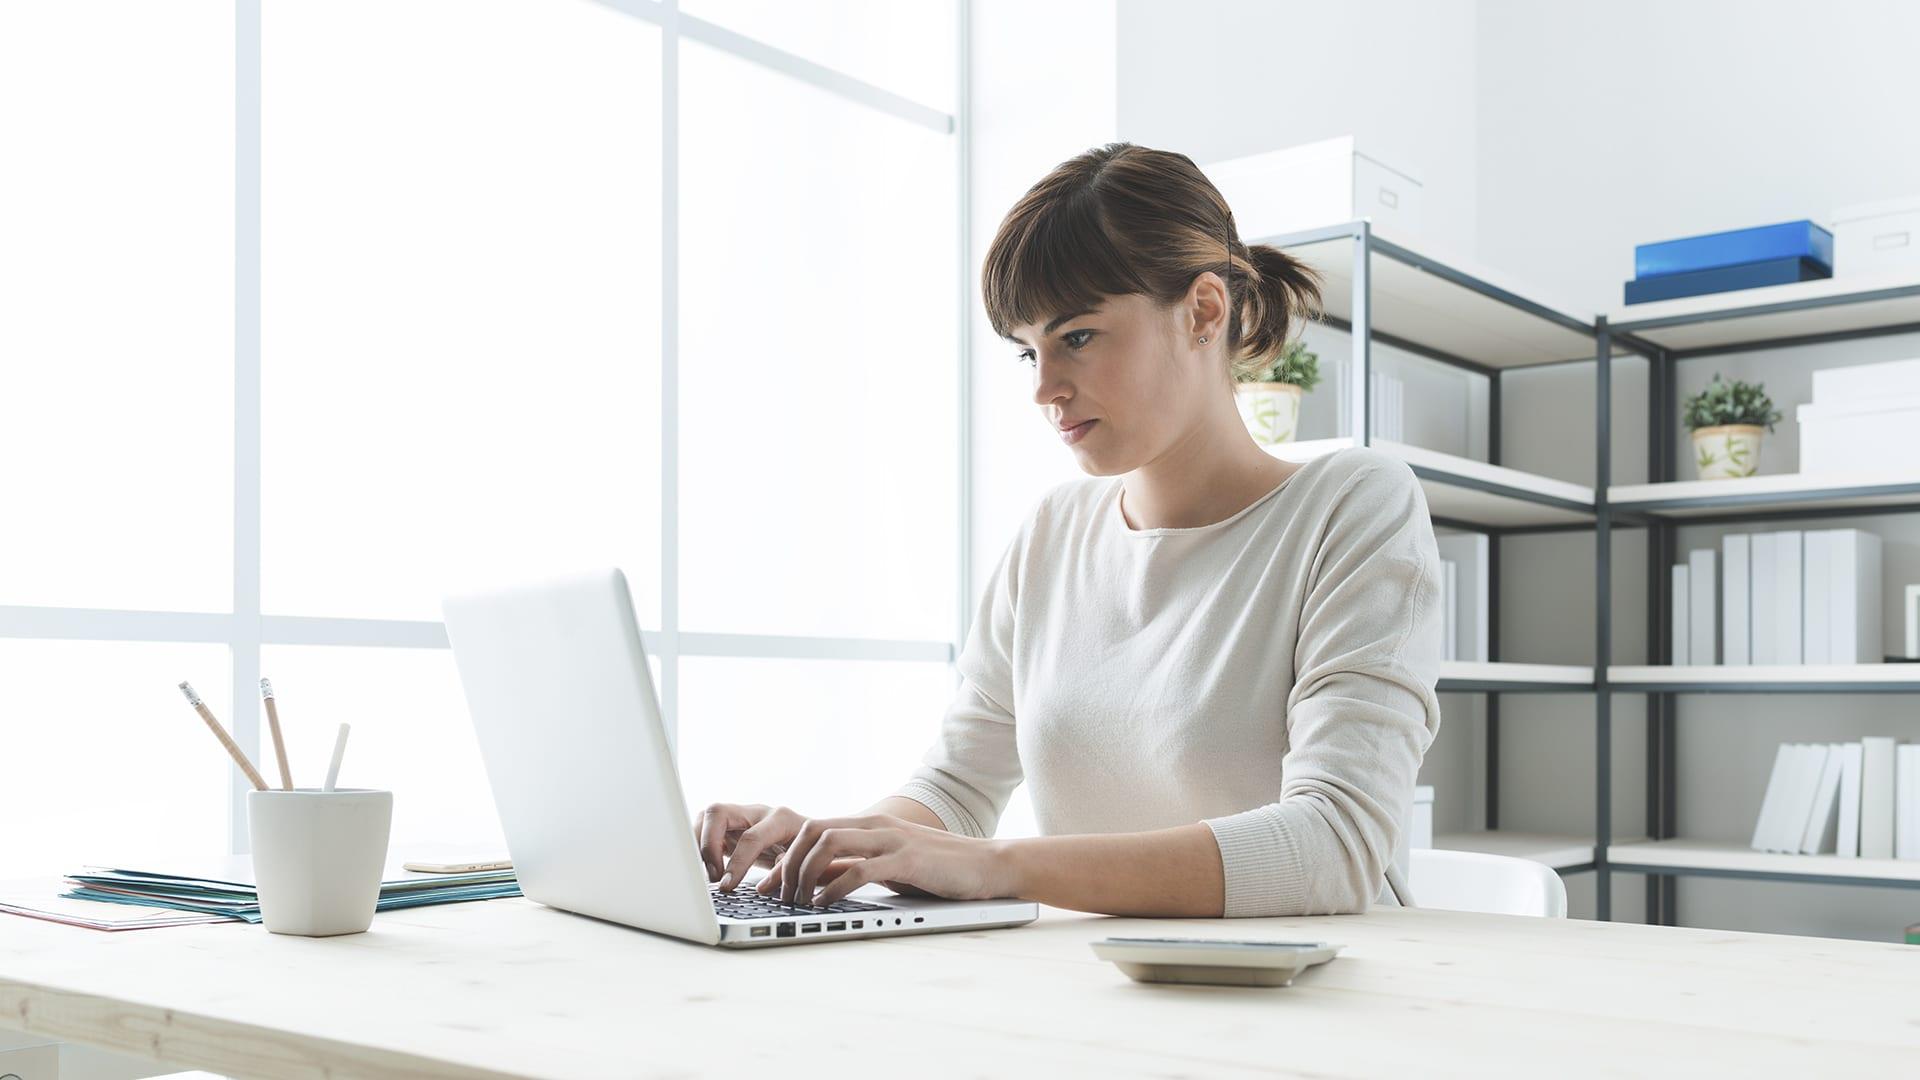 Automaattinen kirjanpito vai tilitoimisto – Tarvitaanko kirjanpitäjää?